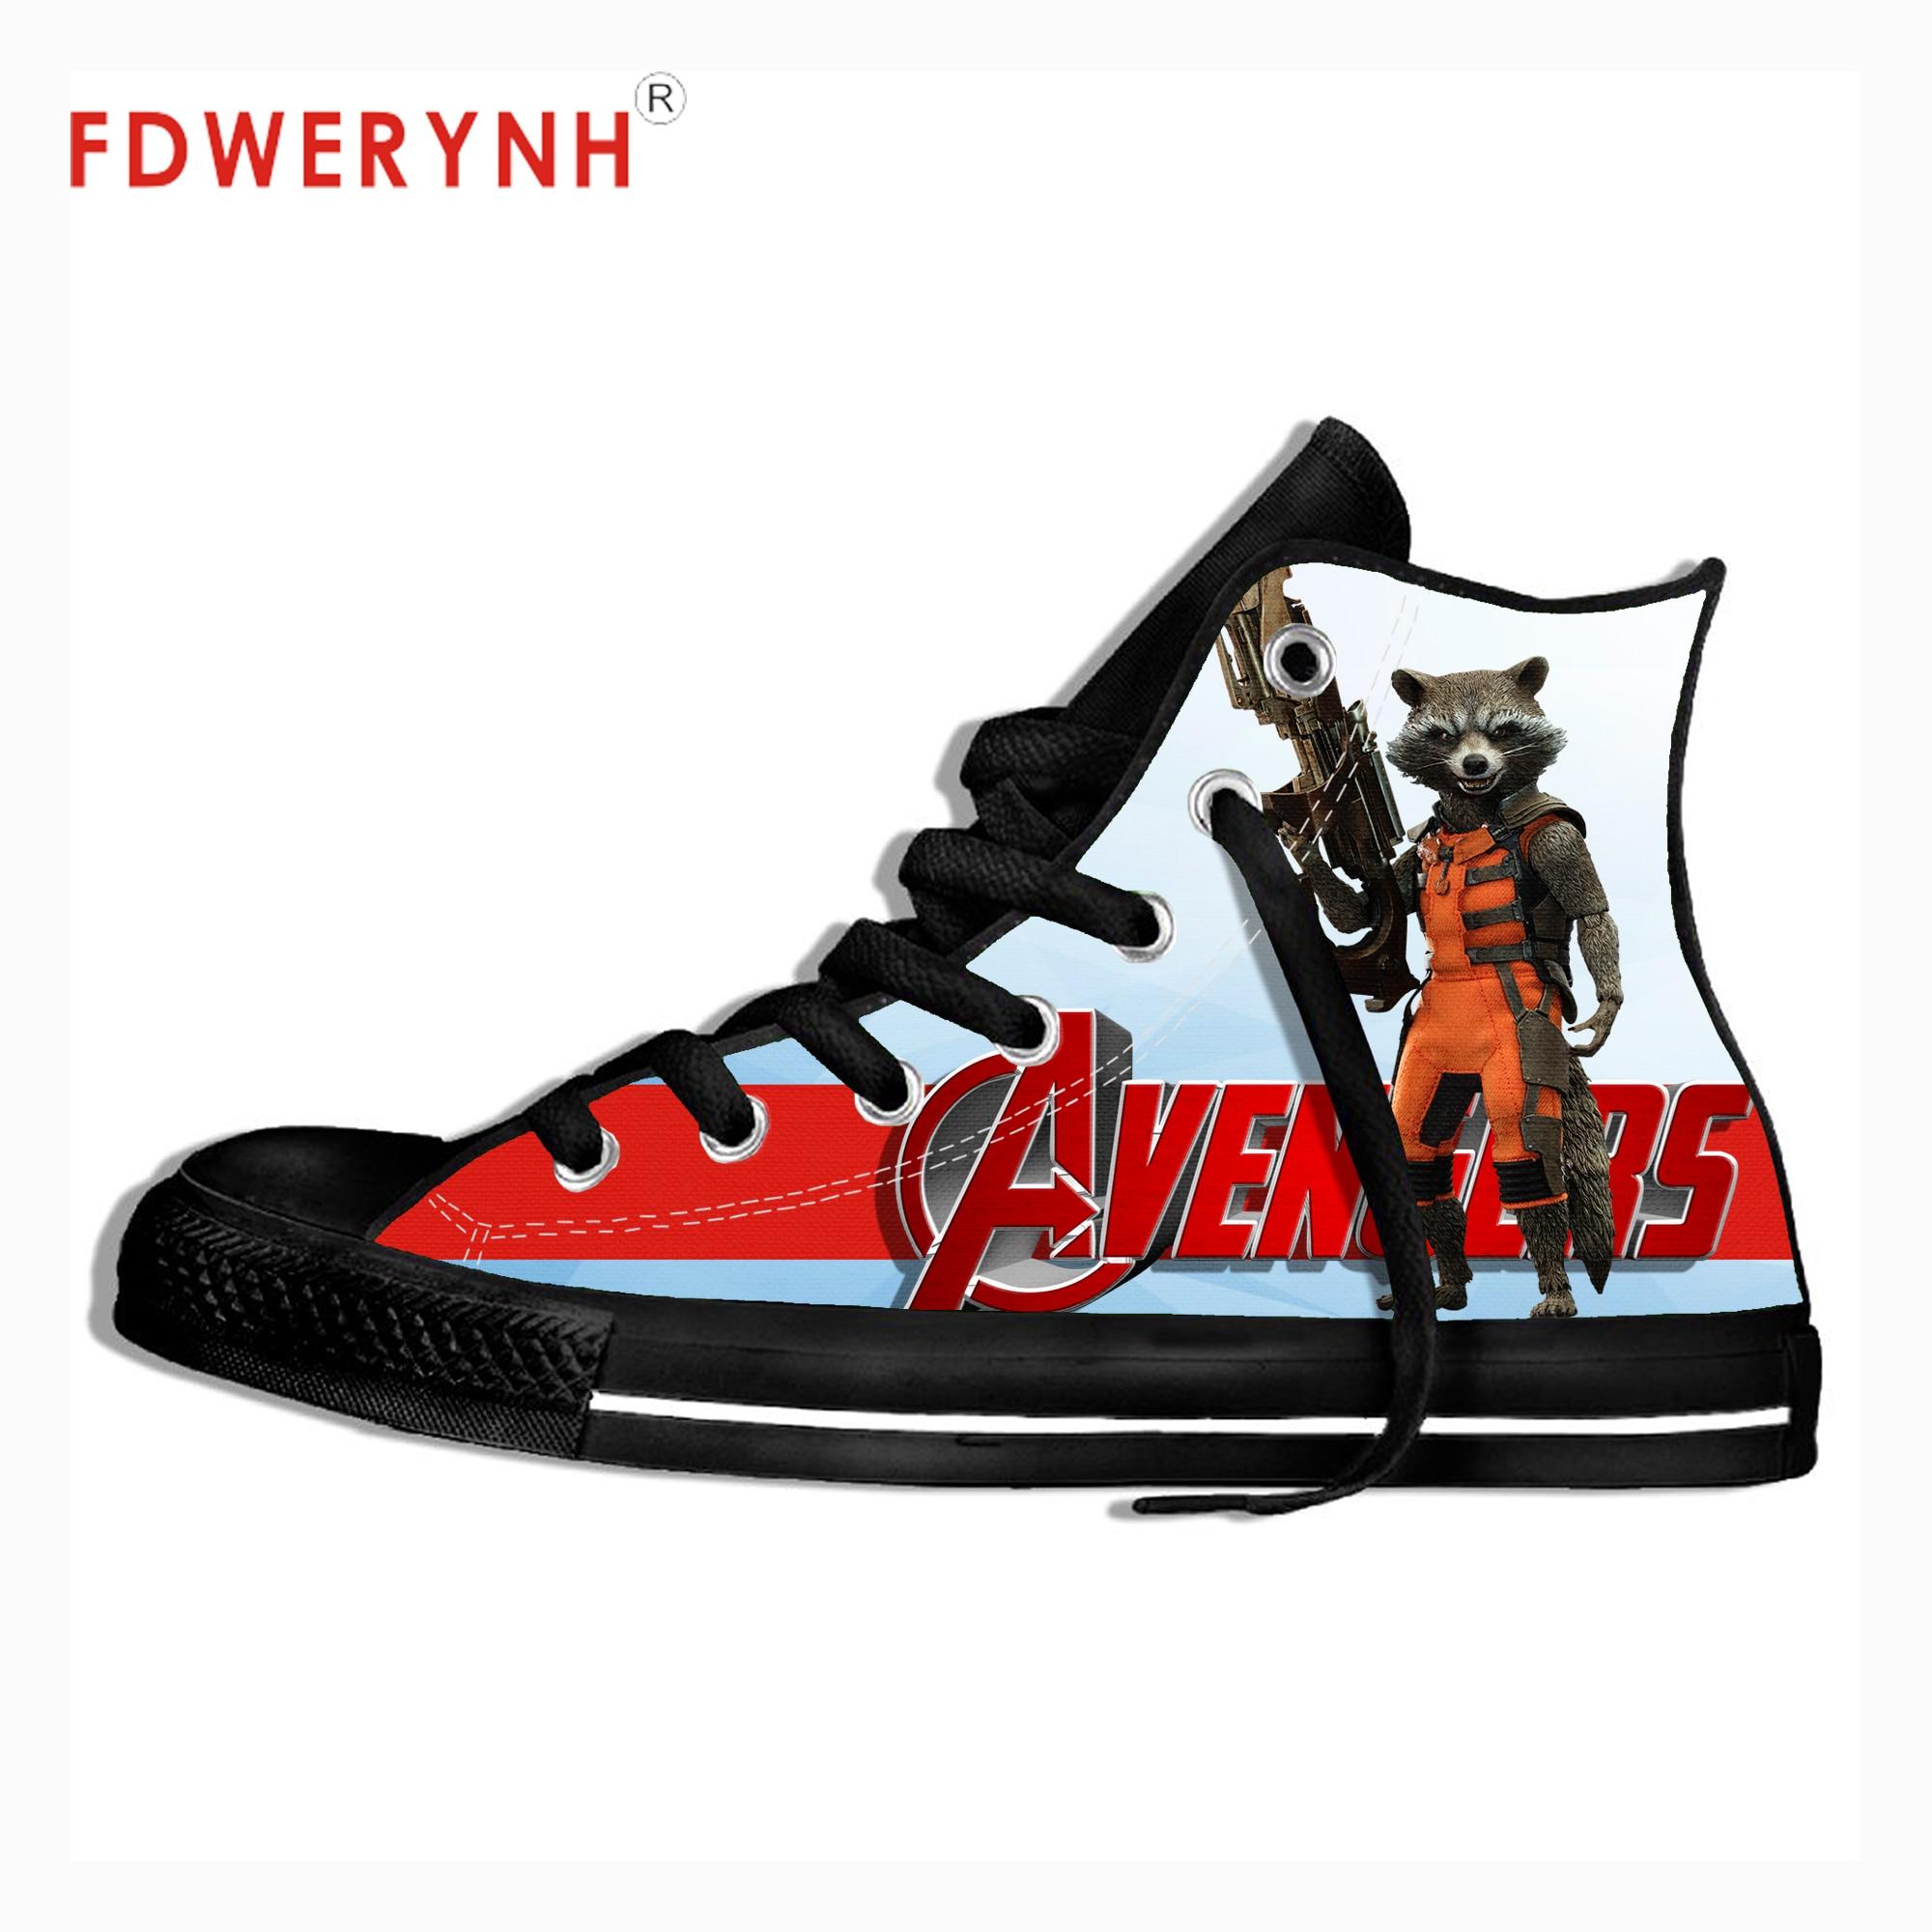 Hommes personnalisé chaussures décontractées Avengers fusée raton laveur impression 3D loisirs de plein air hommes toile chaussures